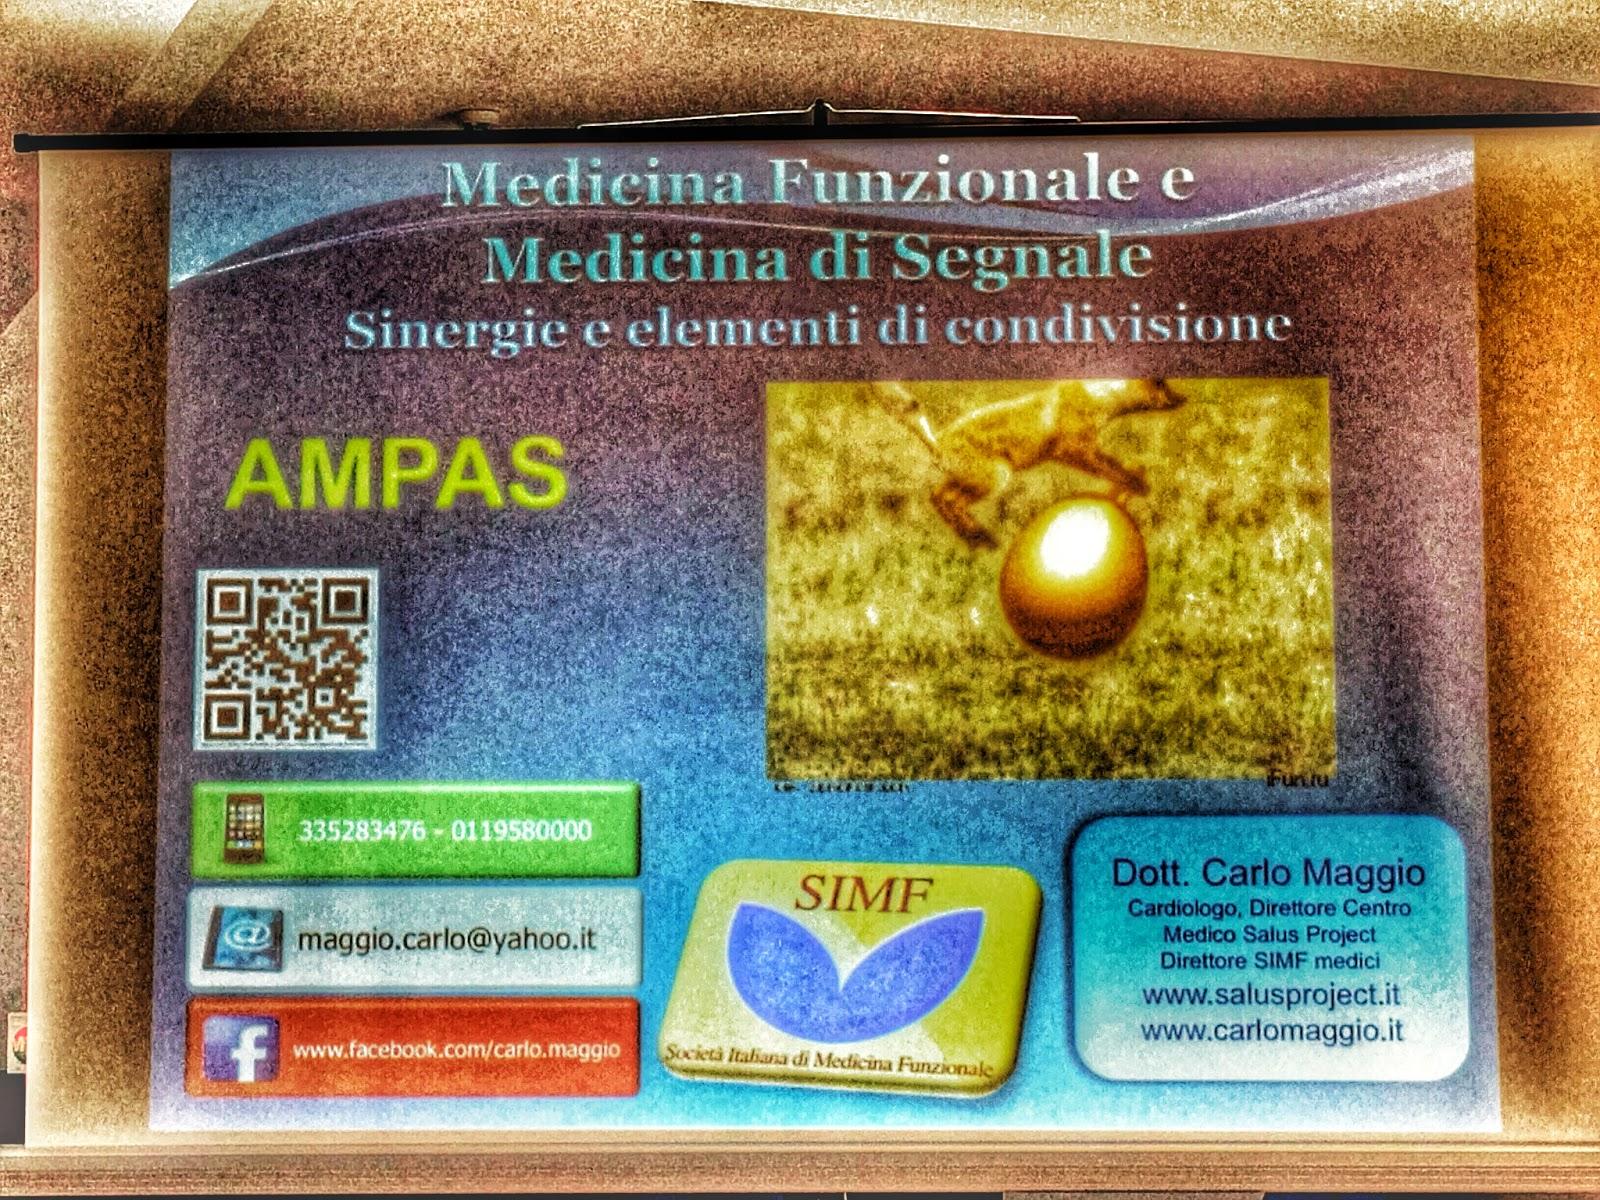 Medicina Funzionale e Medicina di Segnale